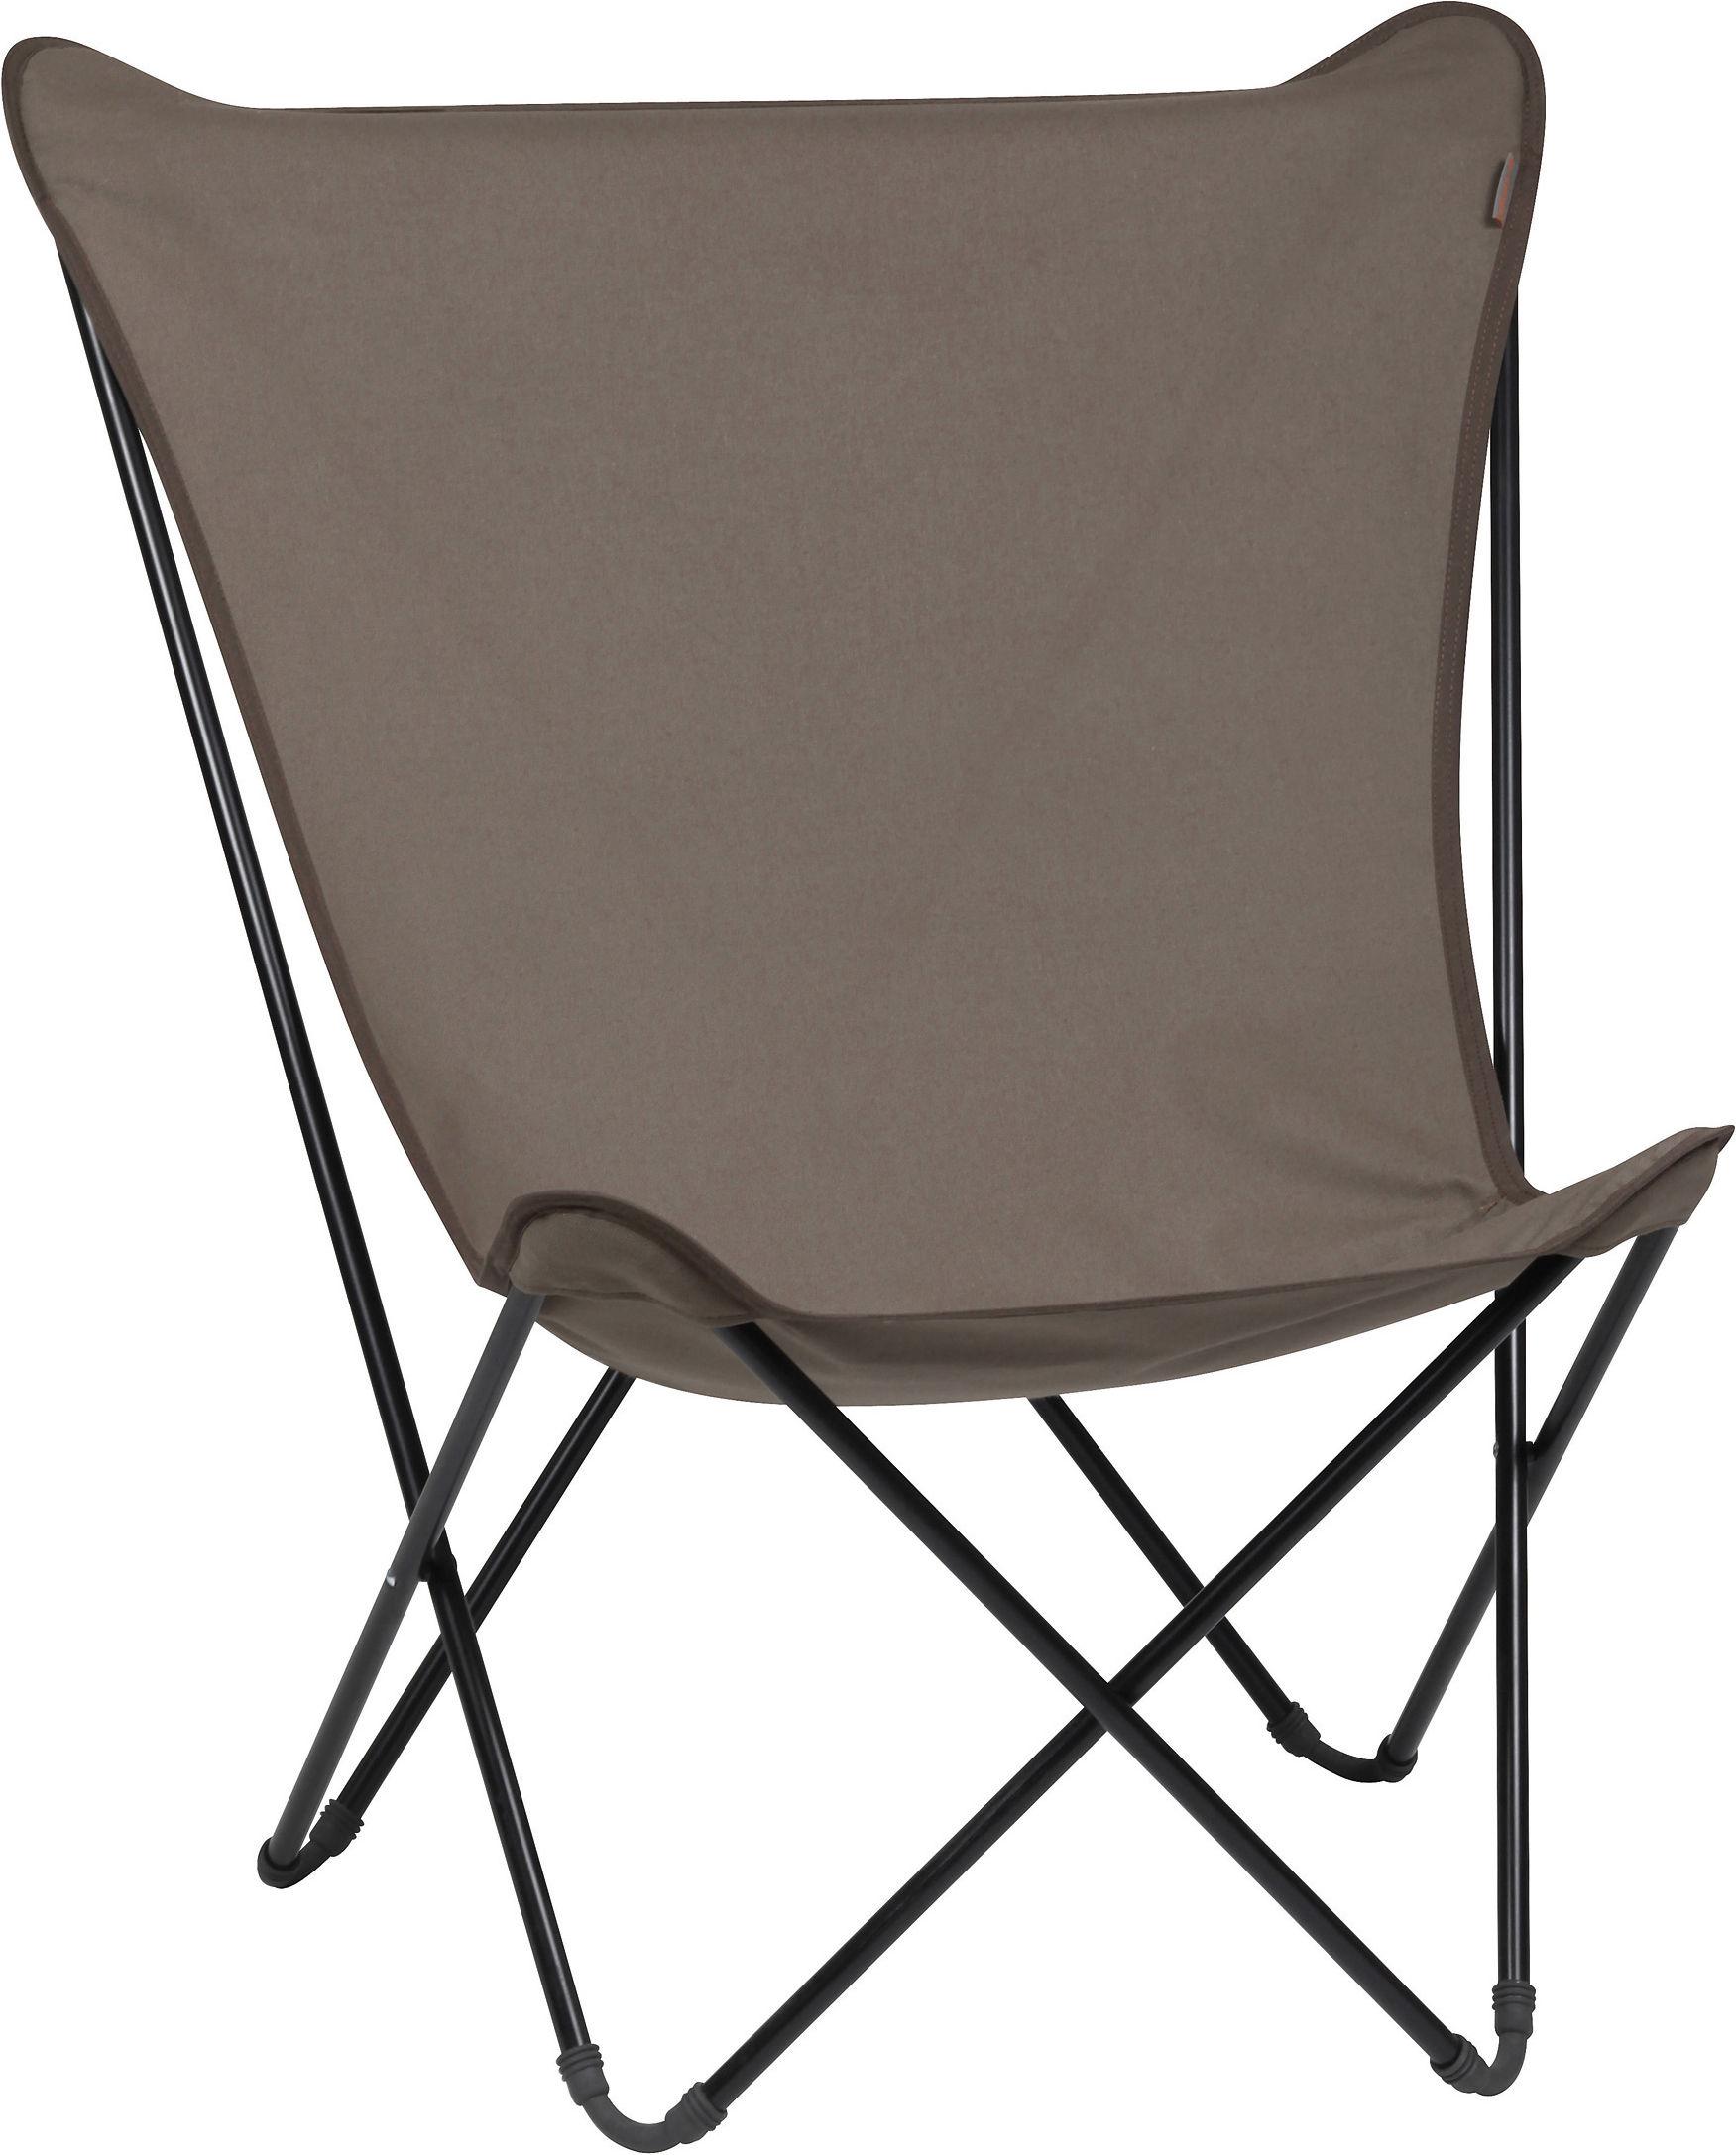 fauteuil maxi pop up pliable gr s structure noire lafuma. Black Bedroom Furniture Sets. Home Design Ideas